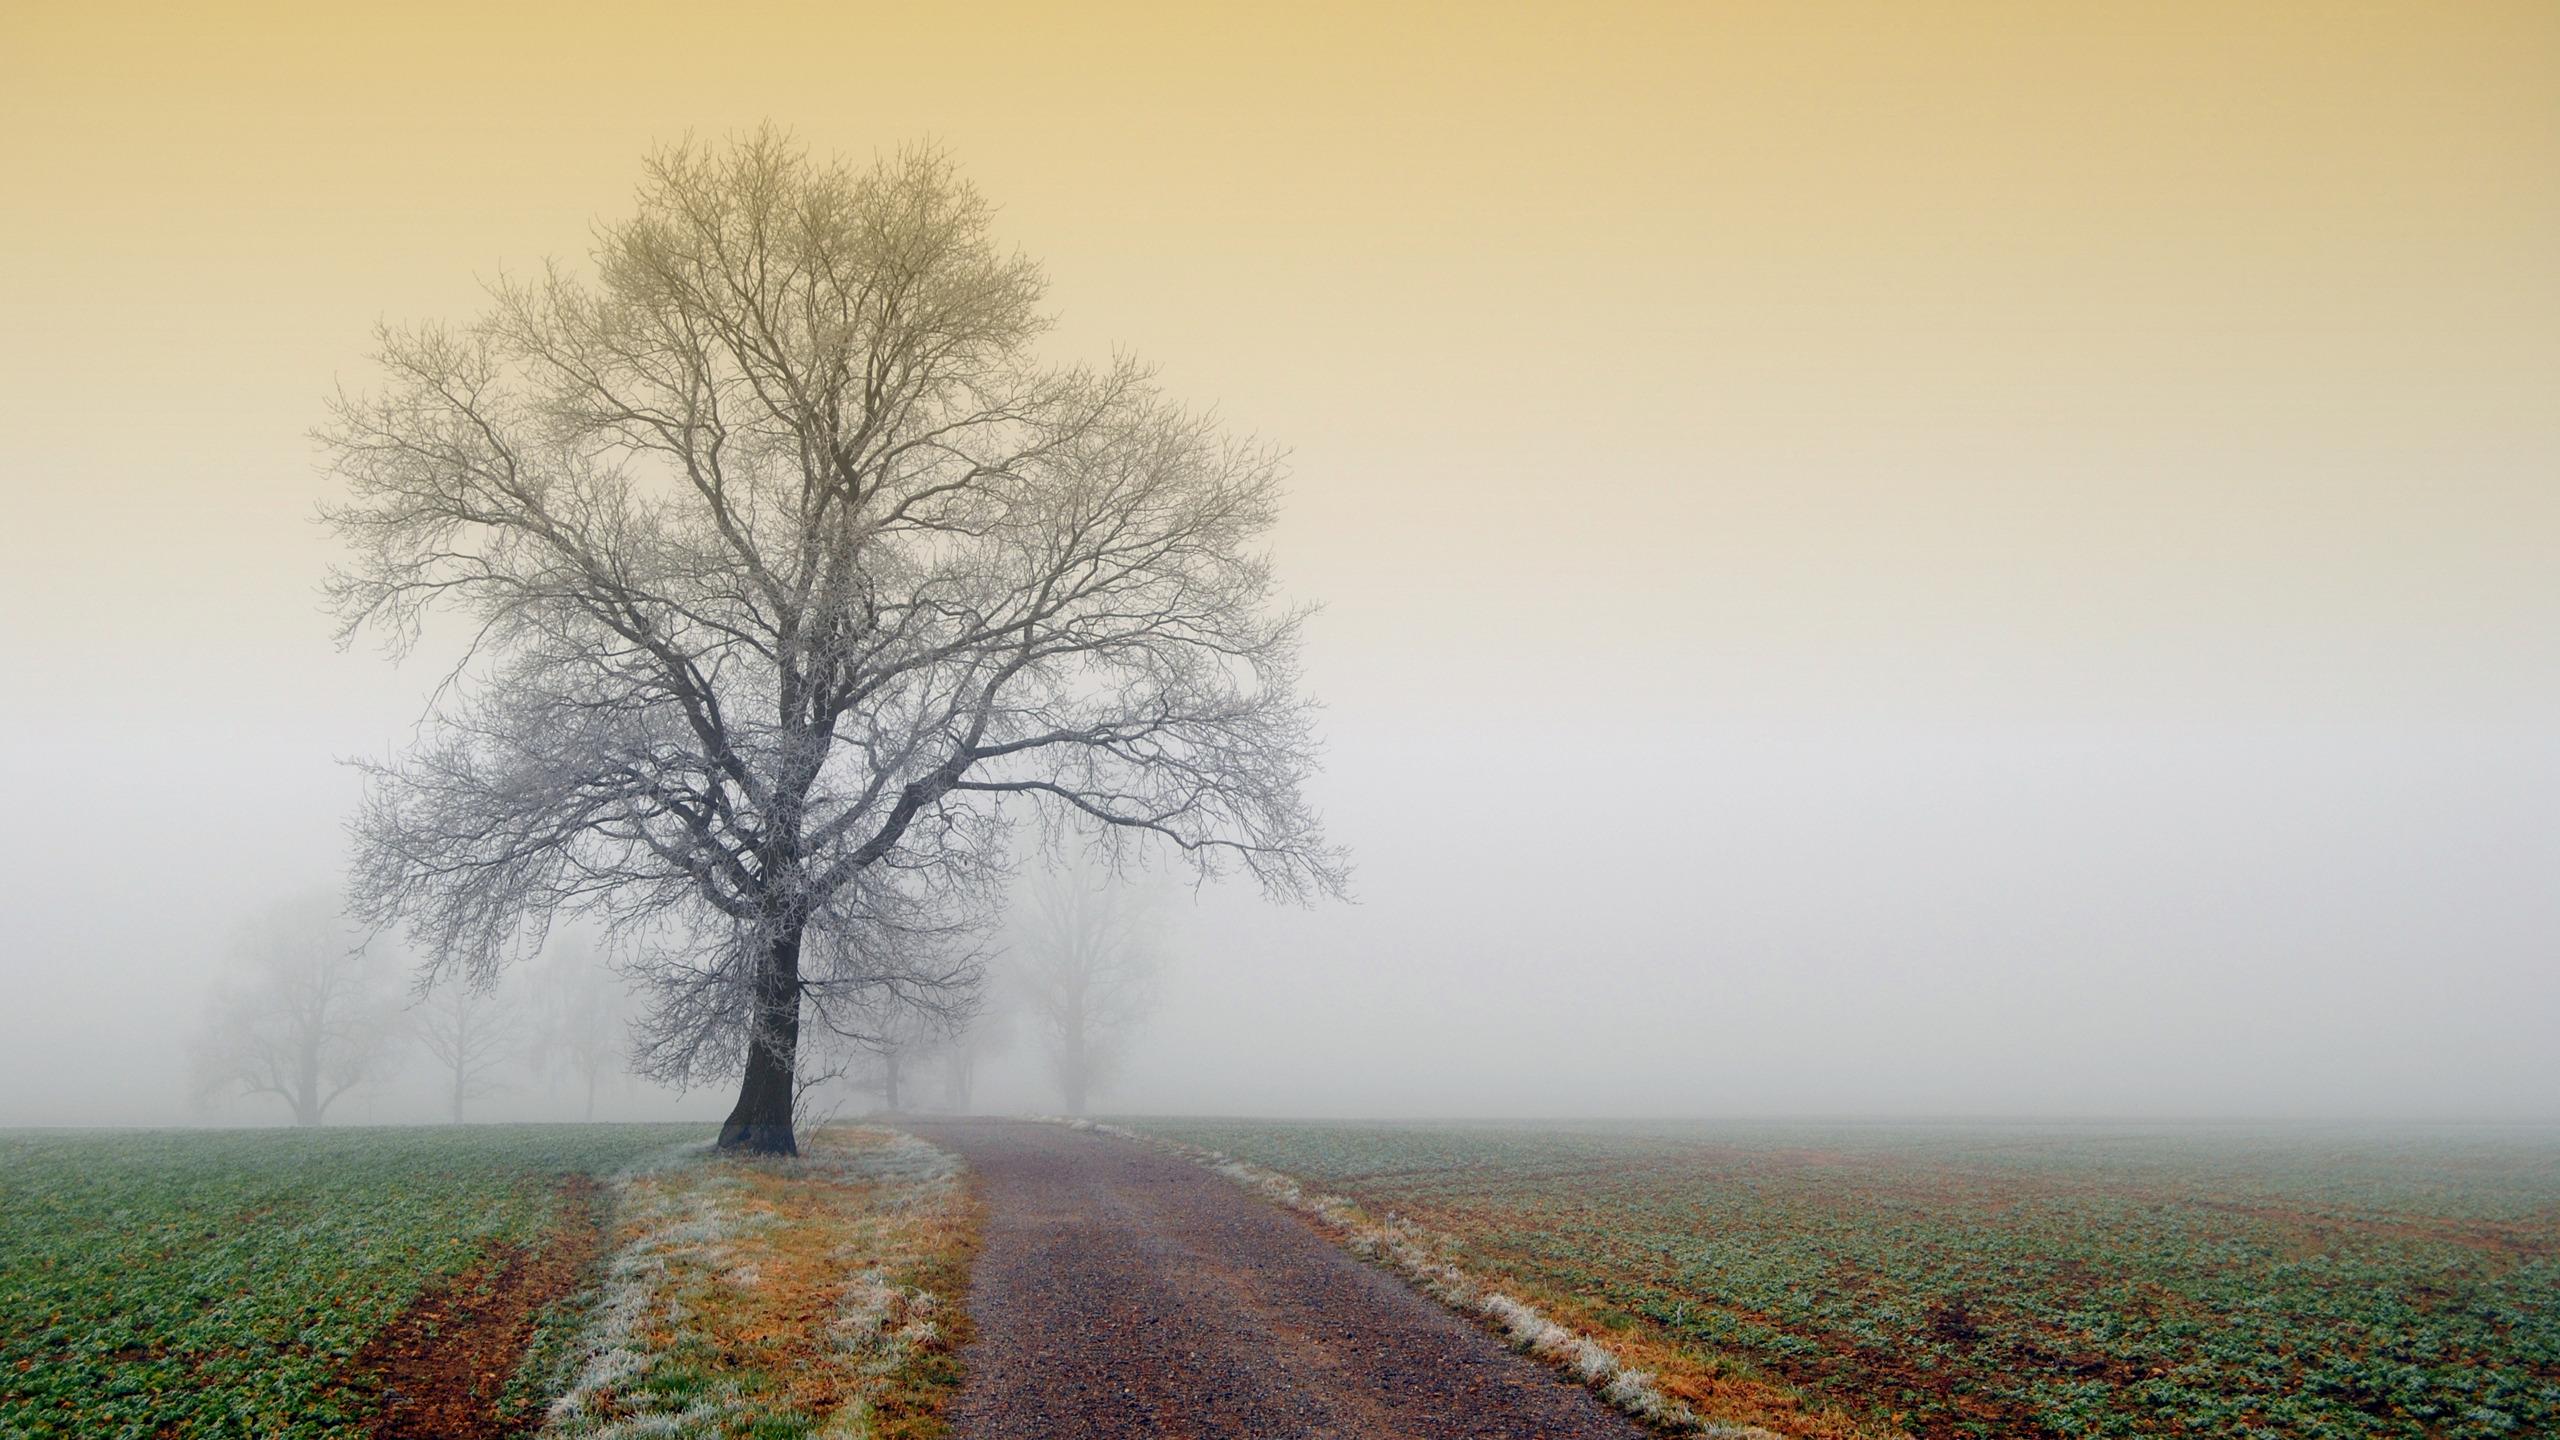 дерево дорога tree road  № 2404830 загрузить